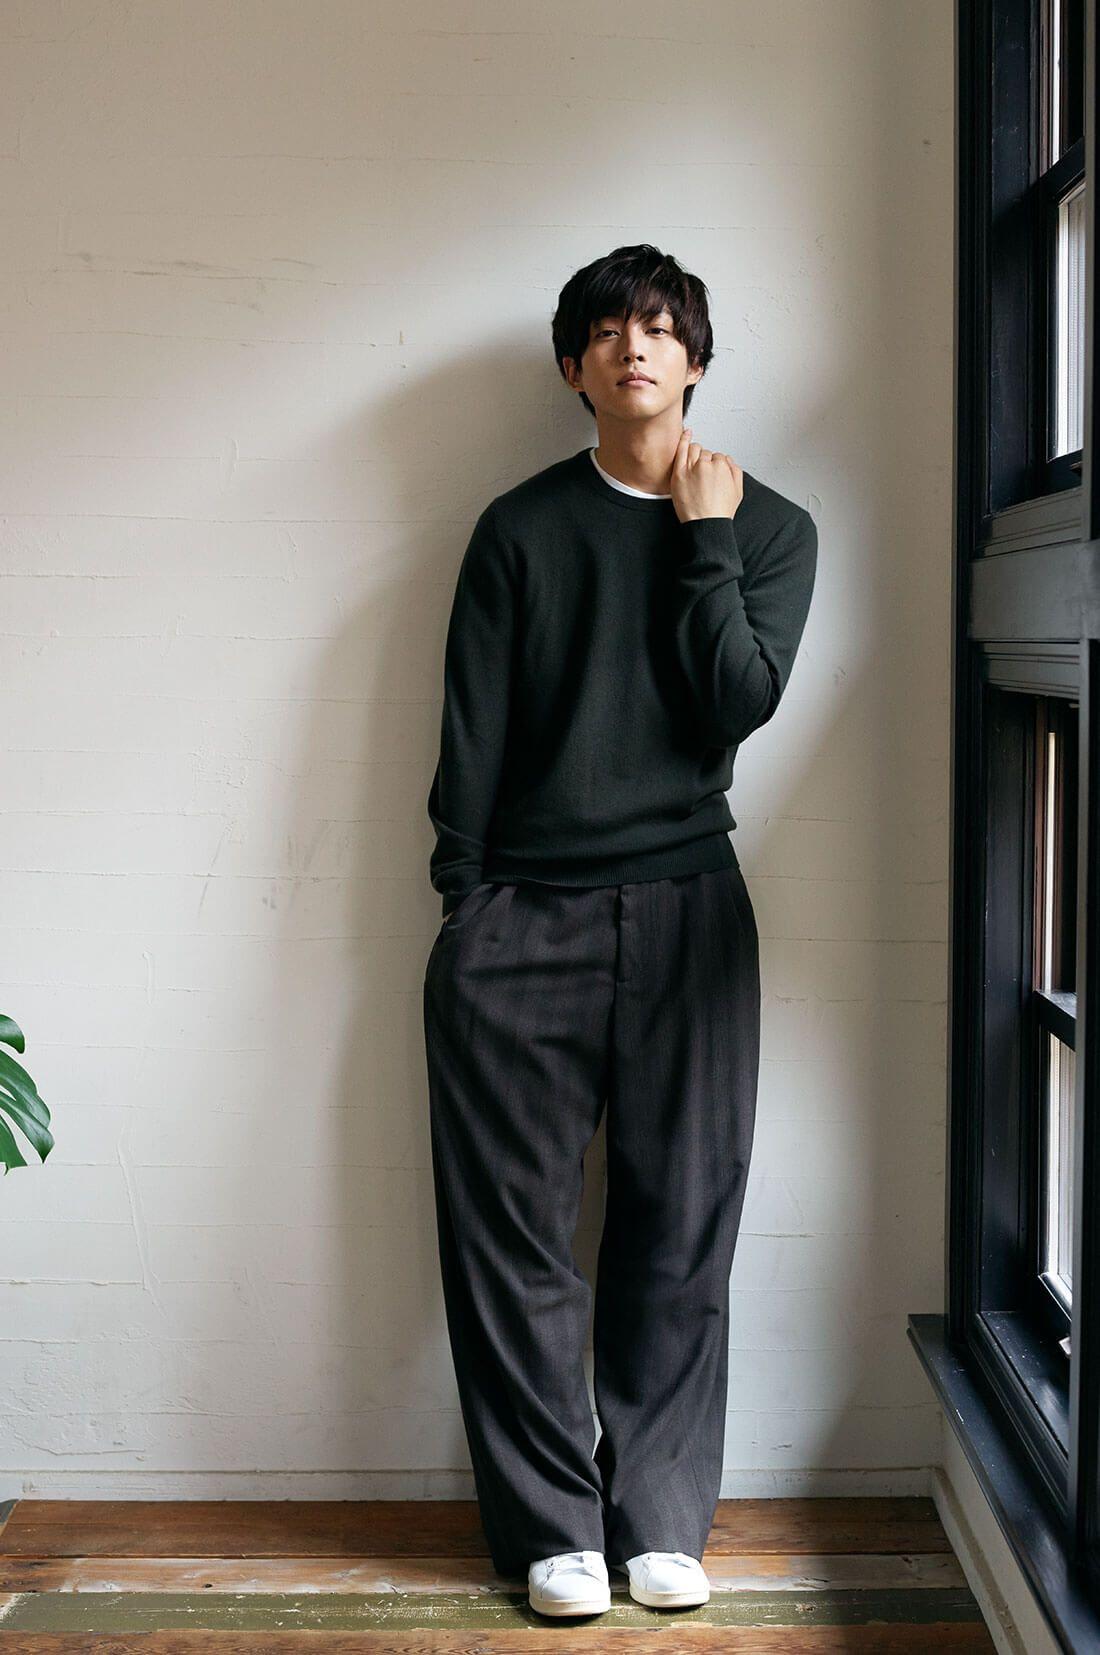 松坂桃李クルーネックニット | men style【2019】 | メンズファッションスタイル、メンズファッション ...